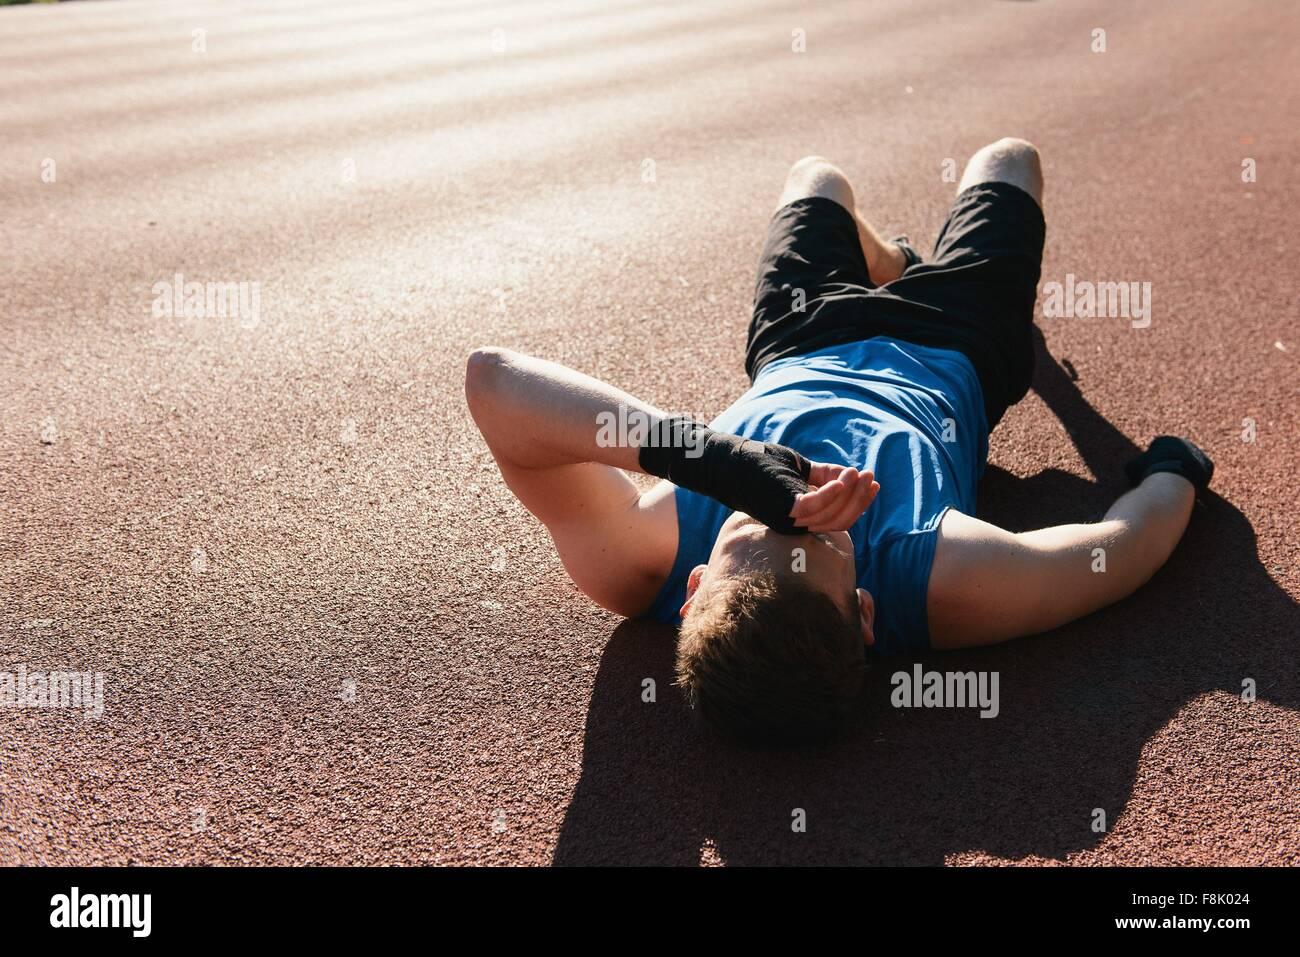 Jeune homme à l'extérieur, en faisant une pause après l'exercice Photo Stock